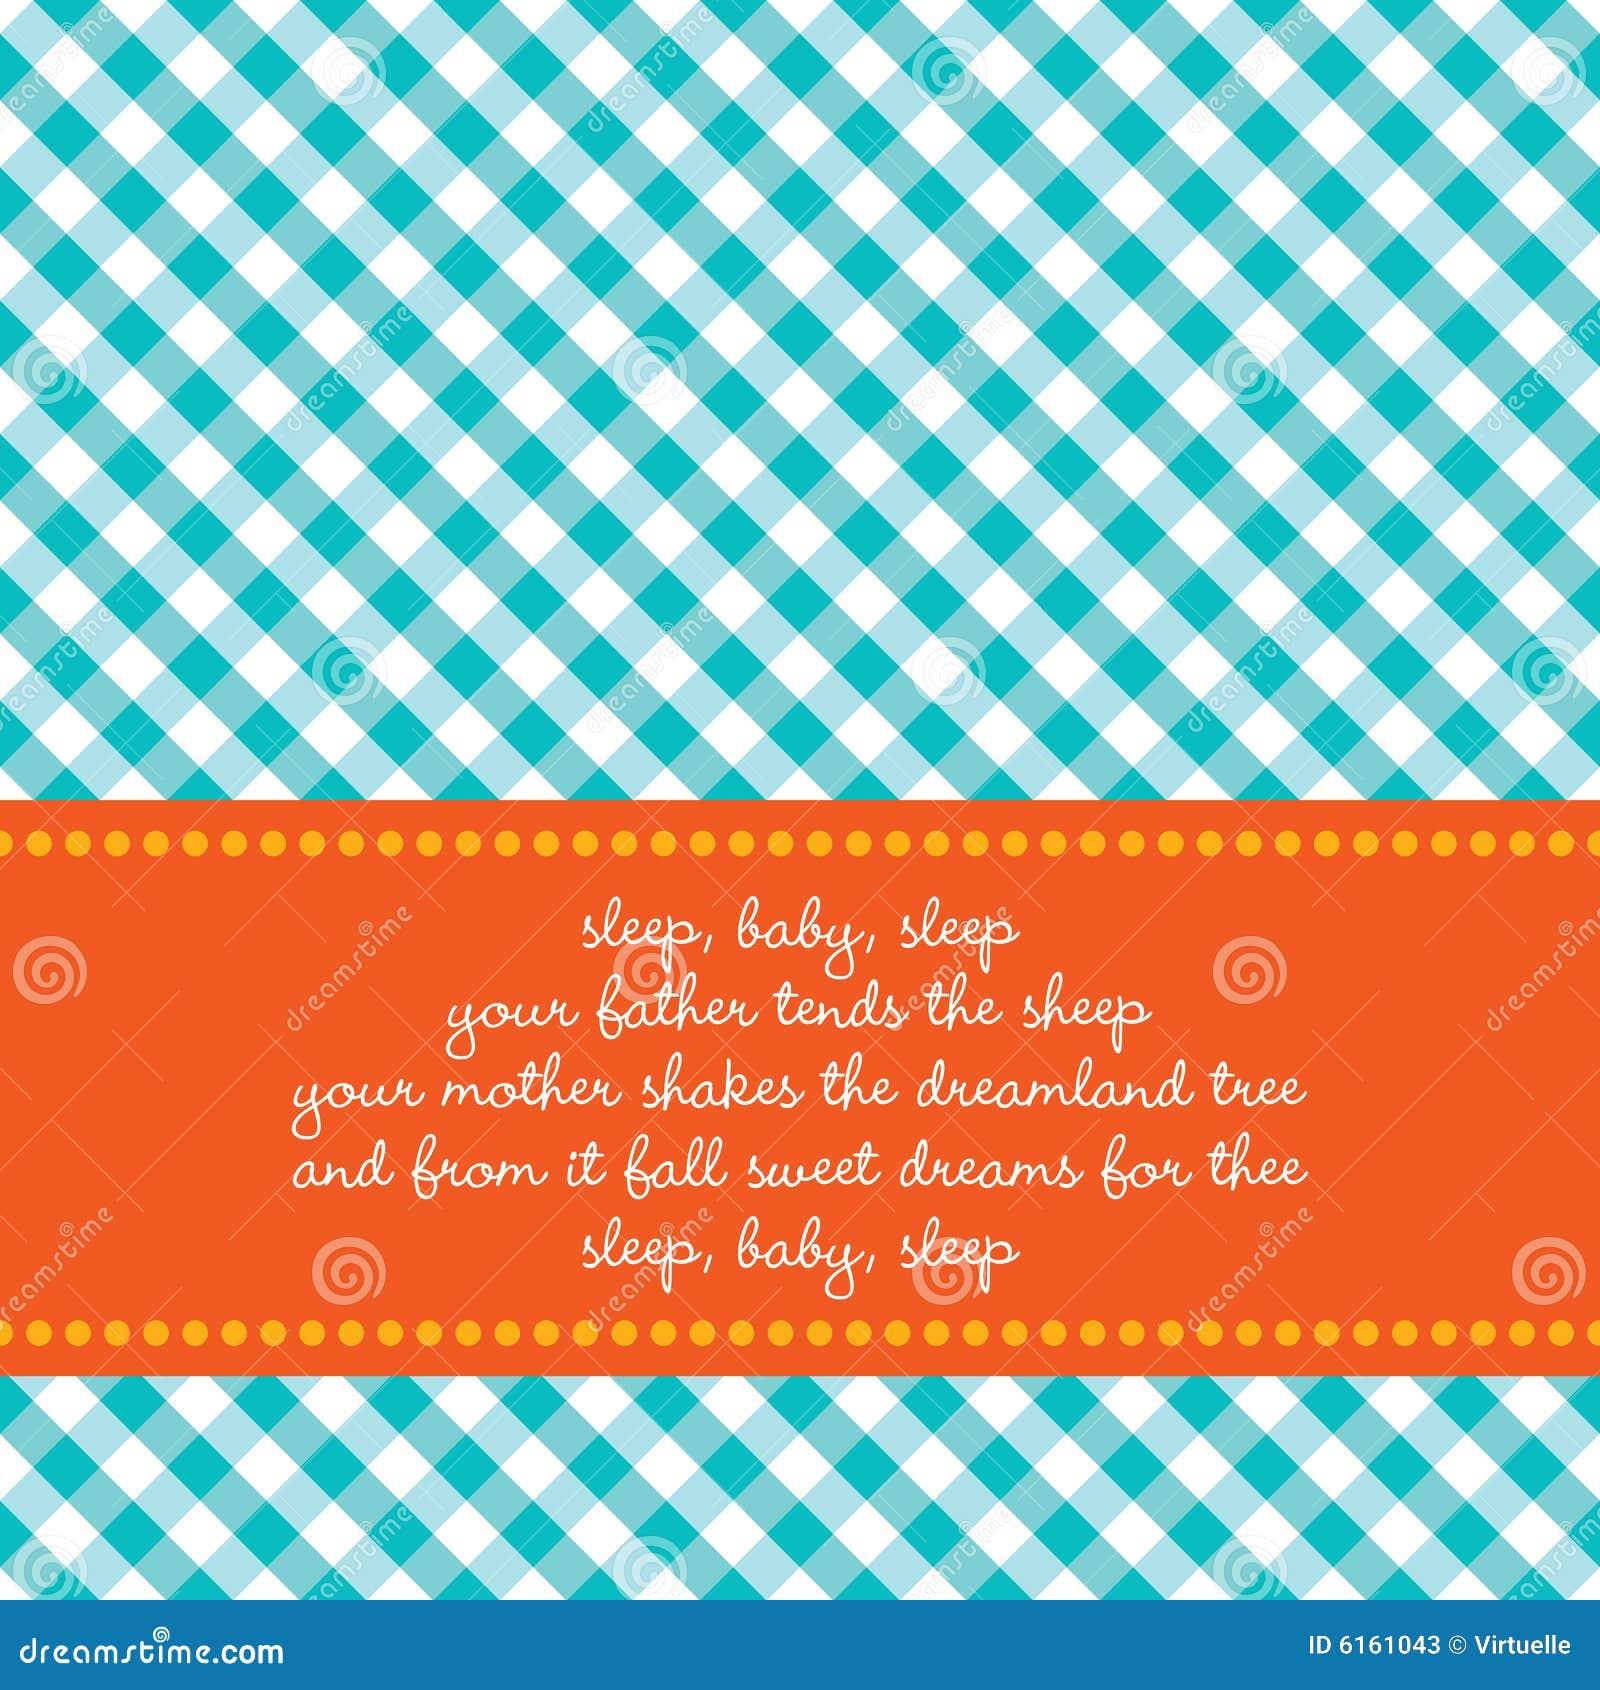 Cartão de aniversário com canção de ninar do bebê